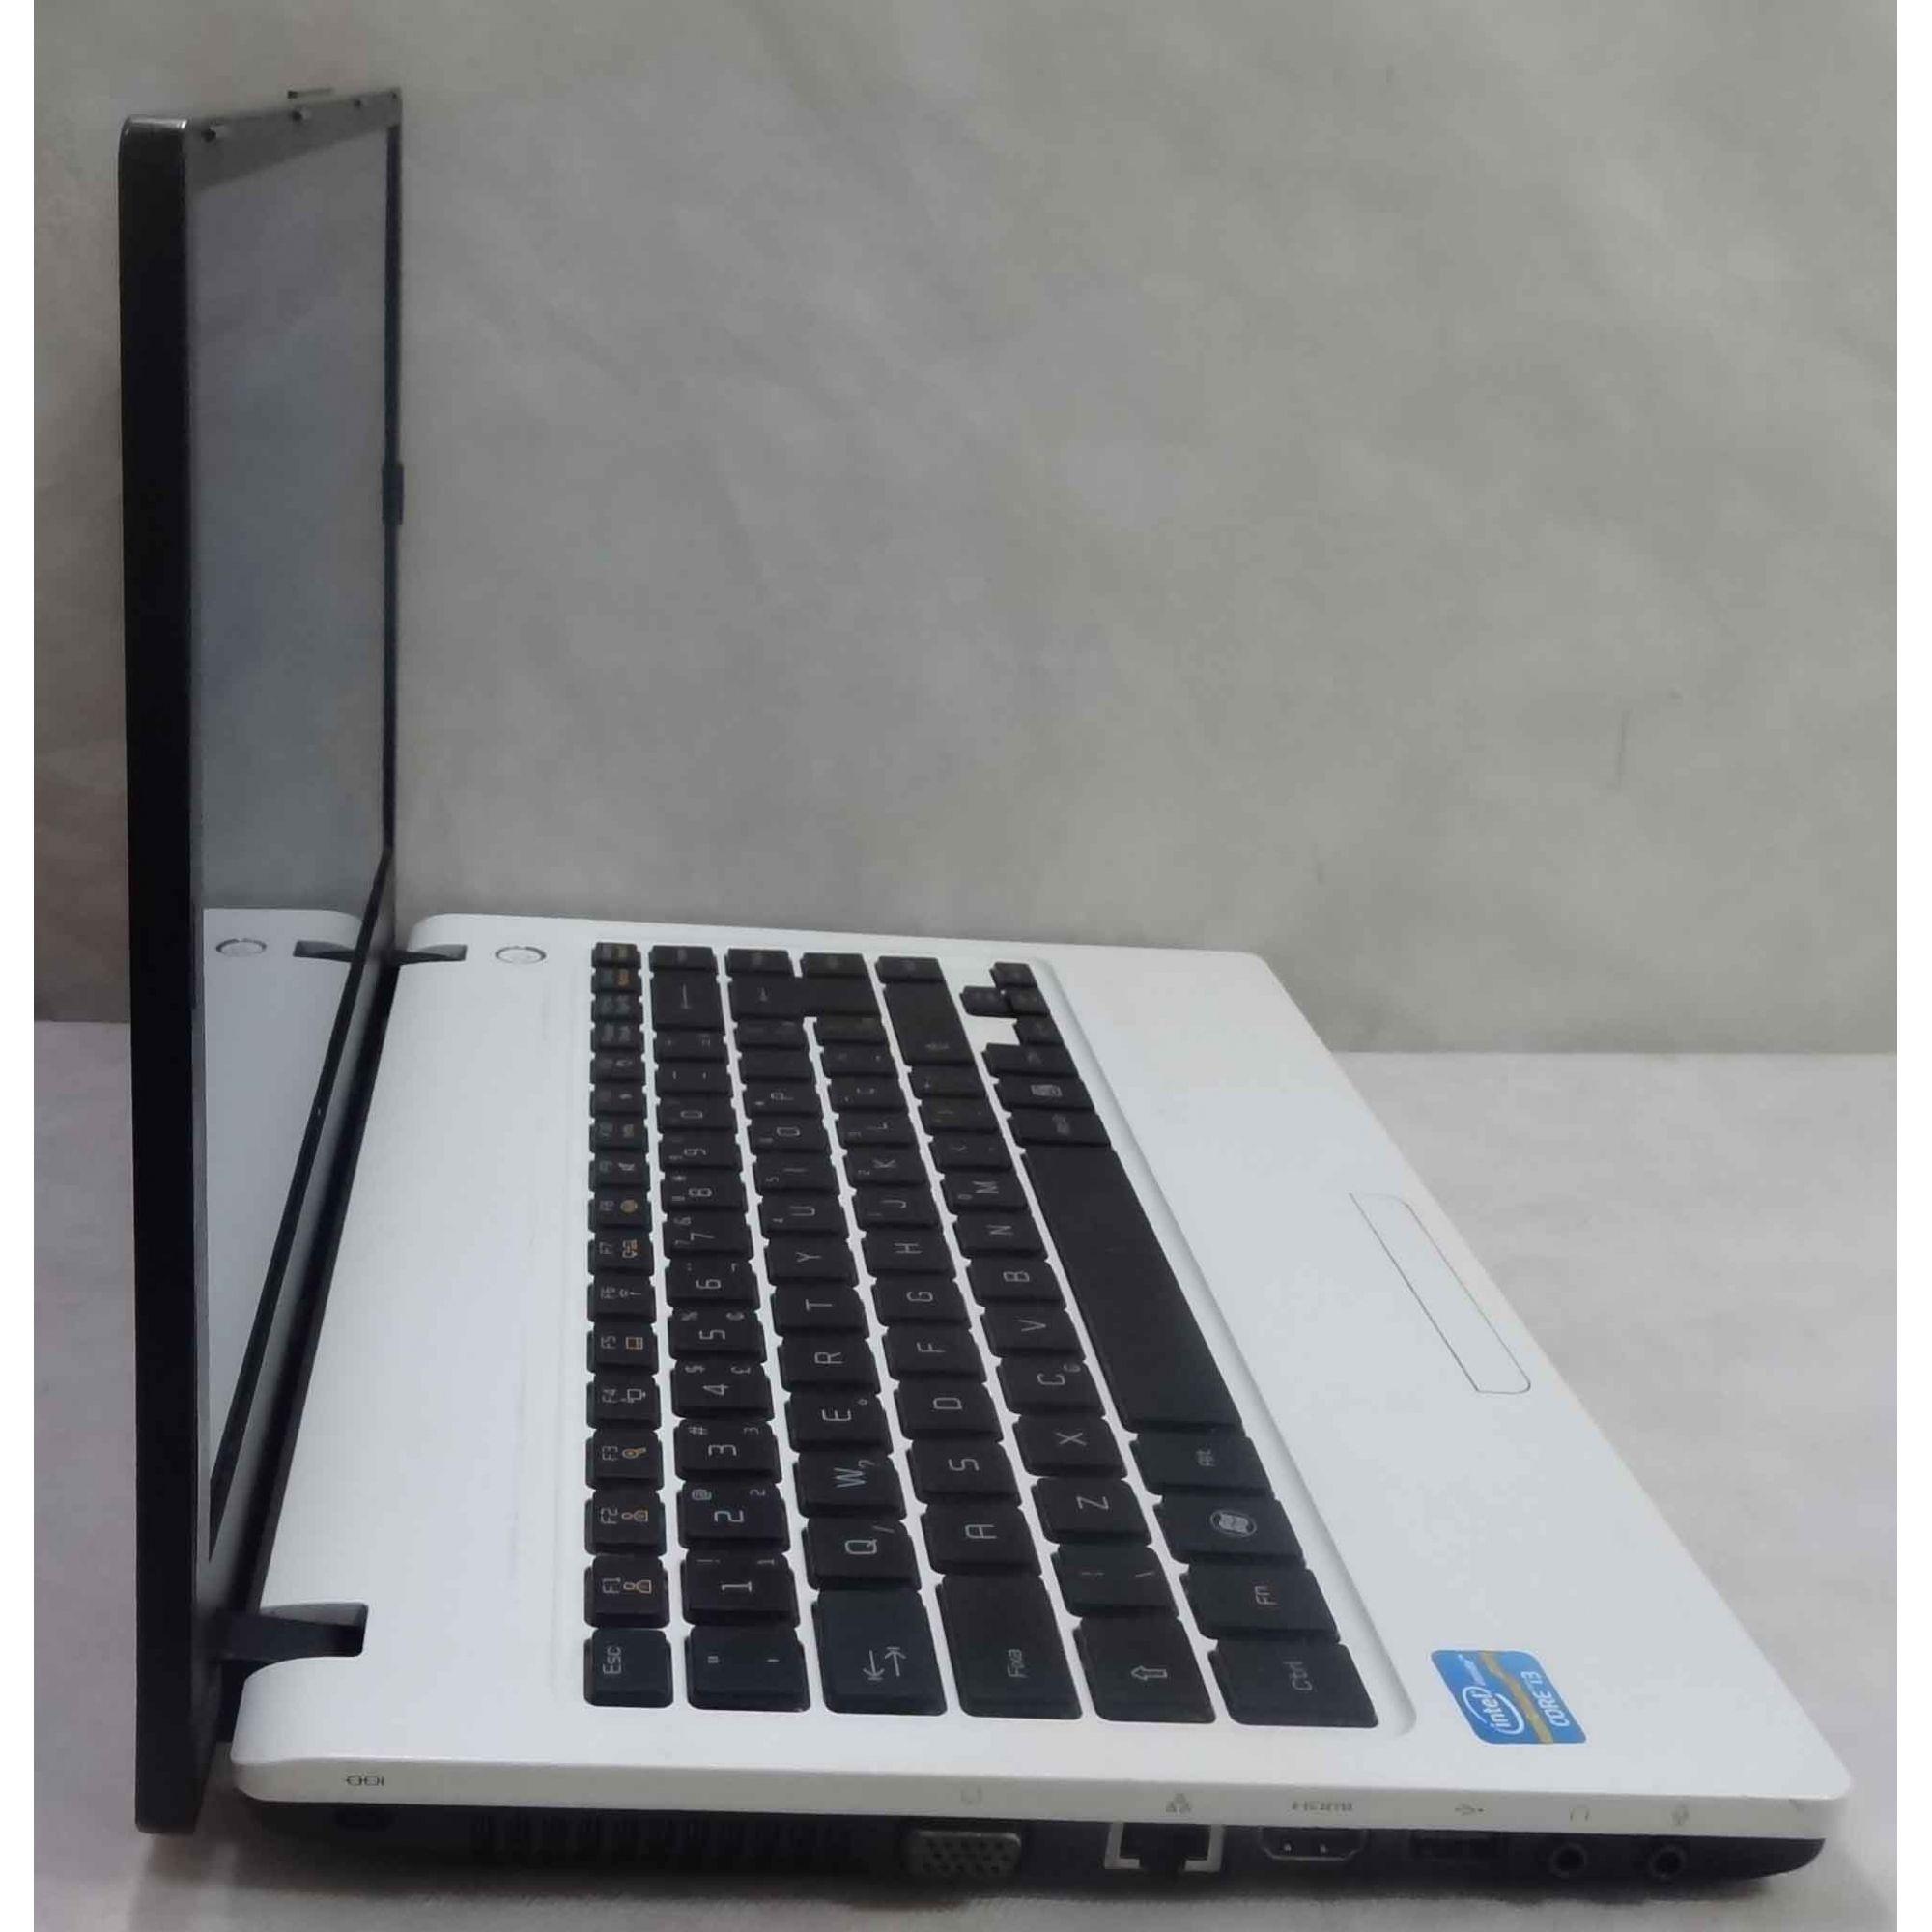 Notebook LG P420 Intel Core i3 2.1GHz 4GB HD-320GB